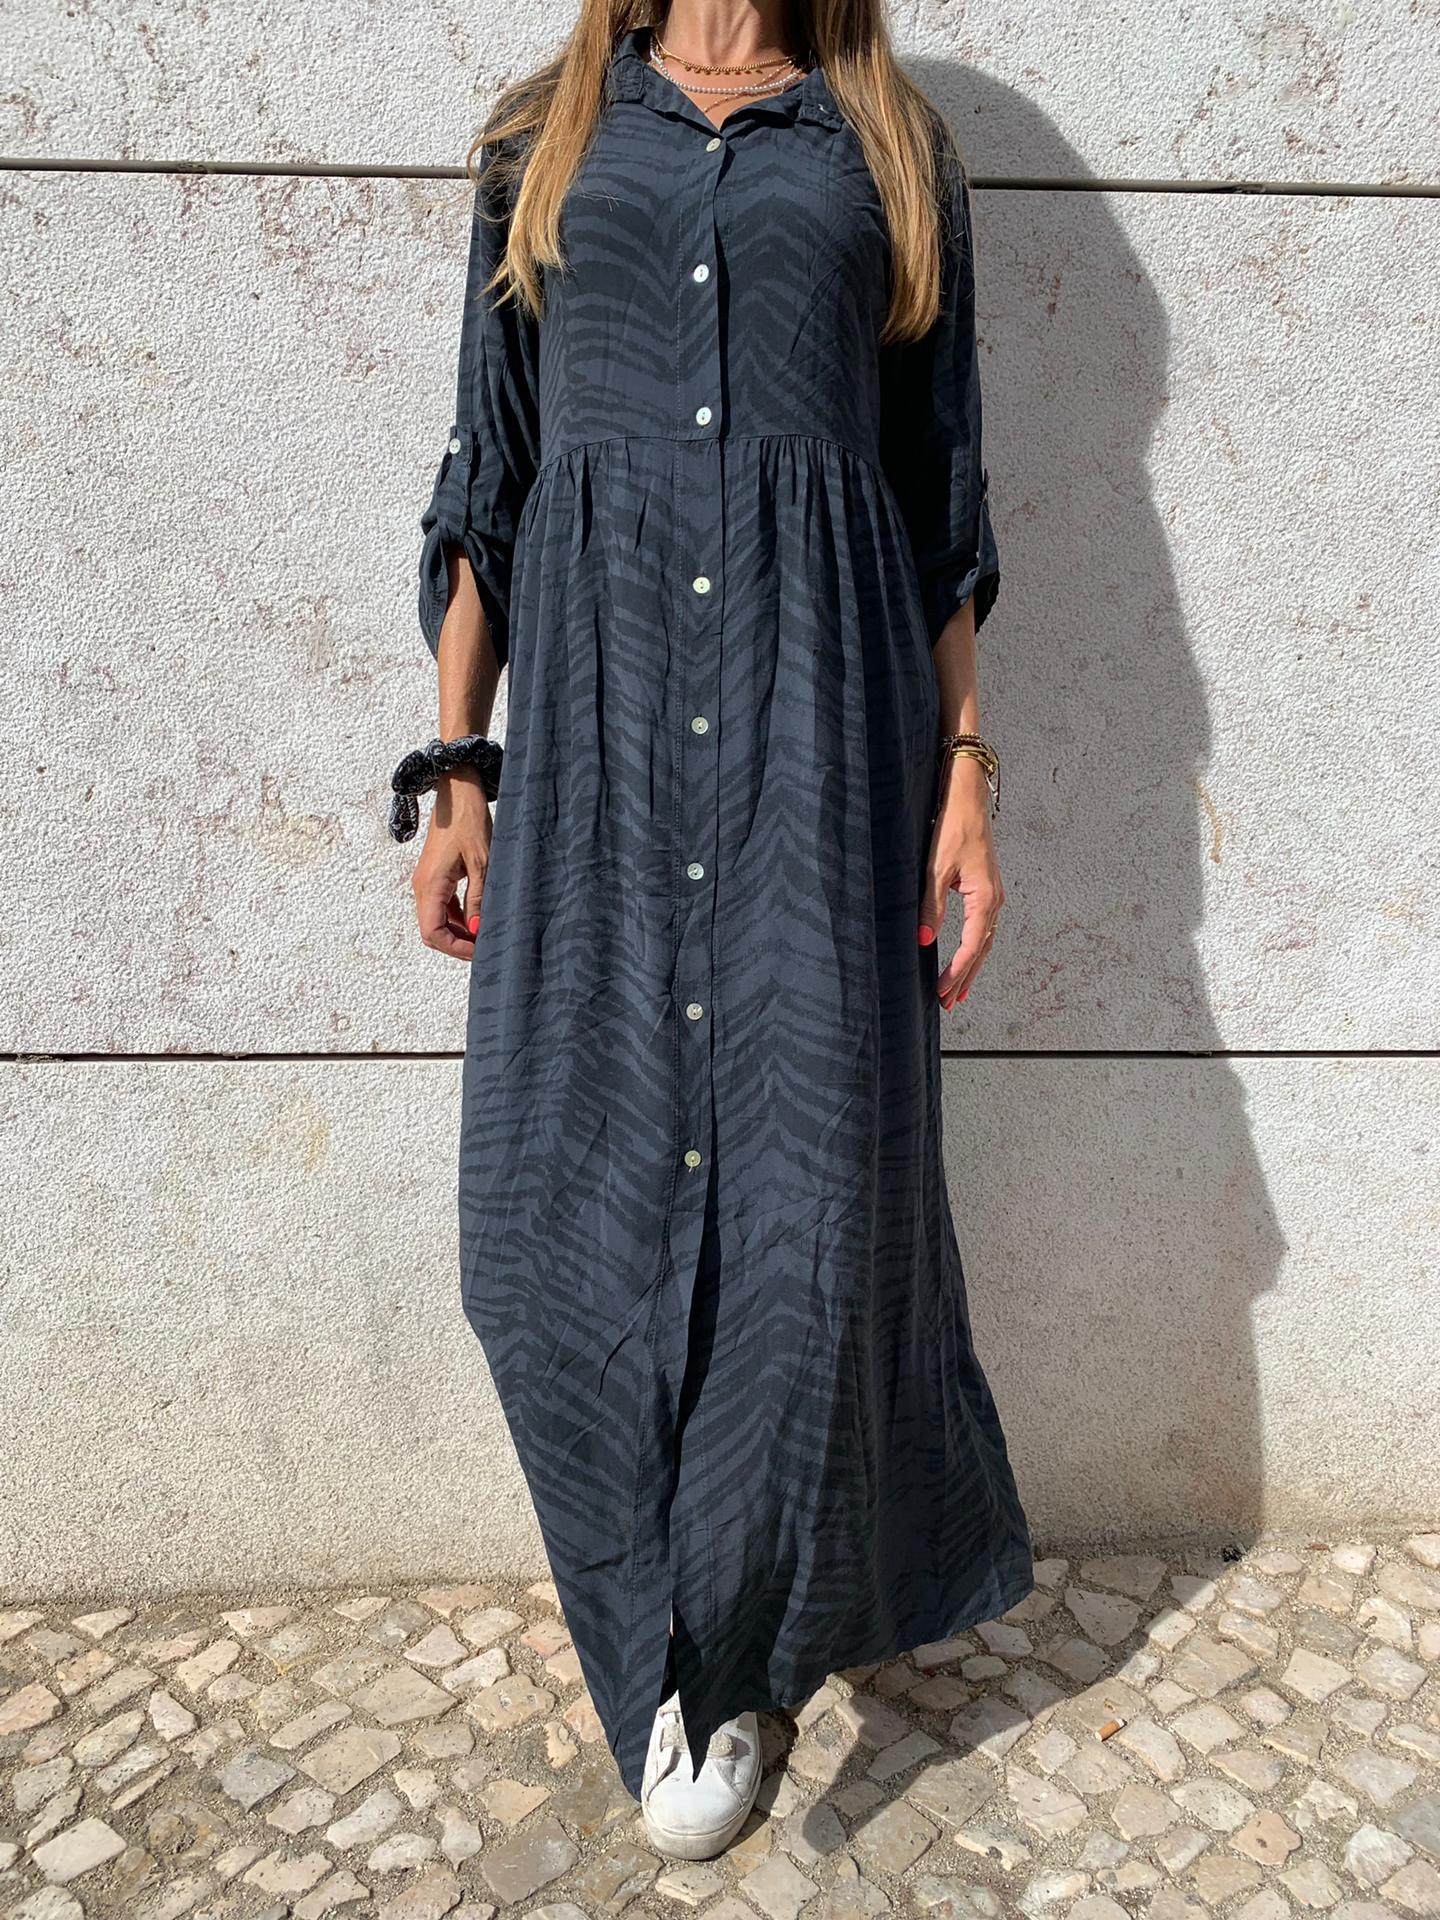 Vestido Comprido com Padrão Cinza Escuro